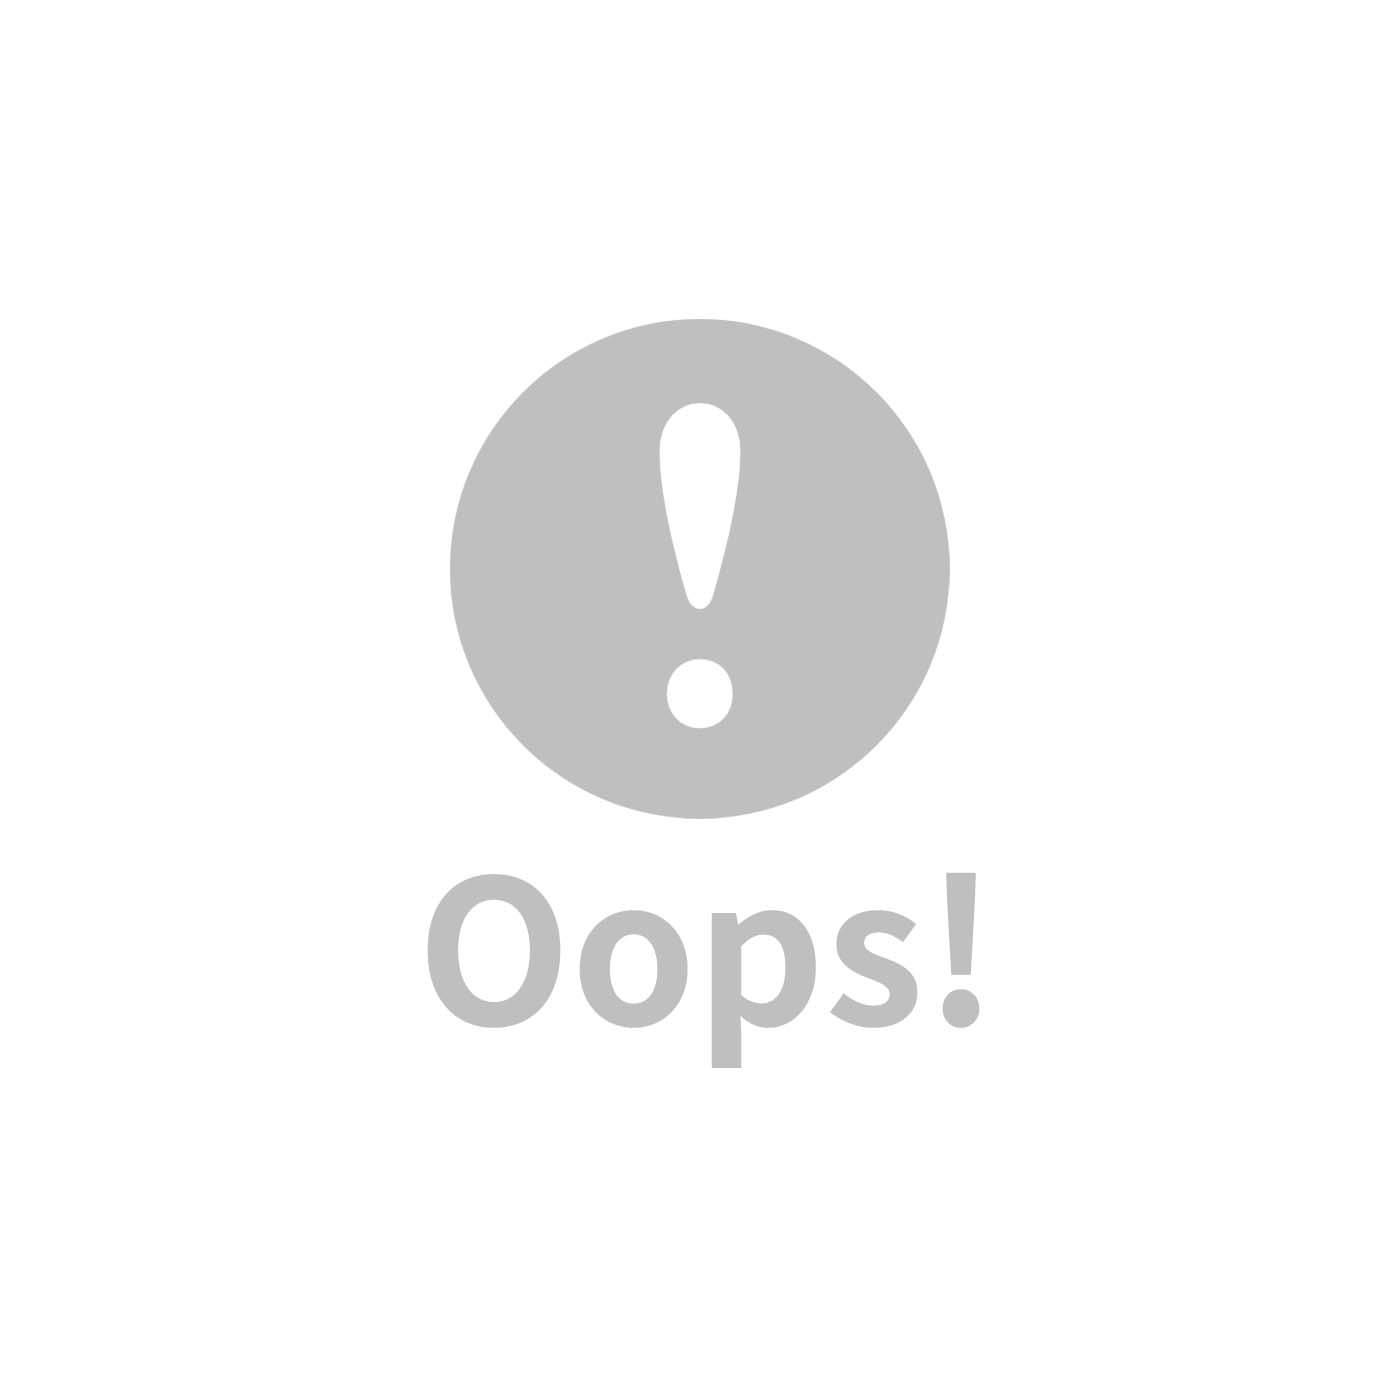 global affairs 童話手工編織安撫搖鈴_動物派對(粉紅貓)